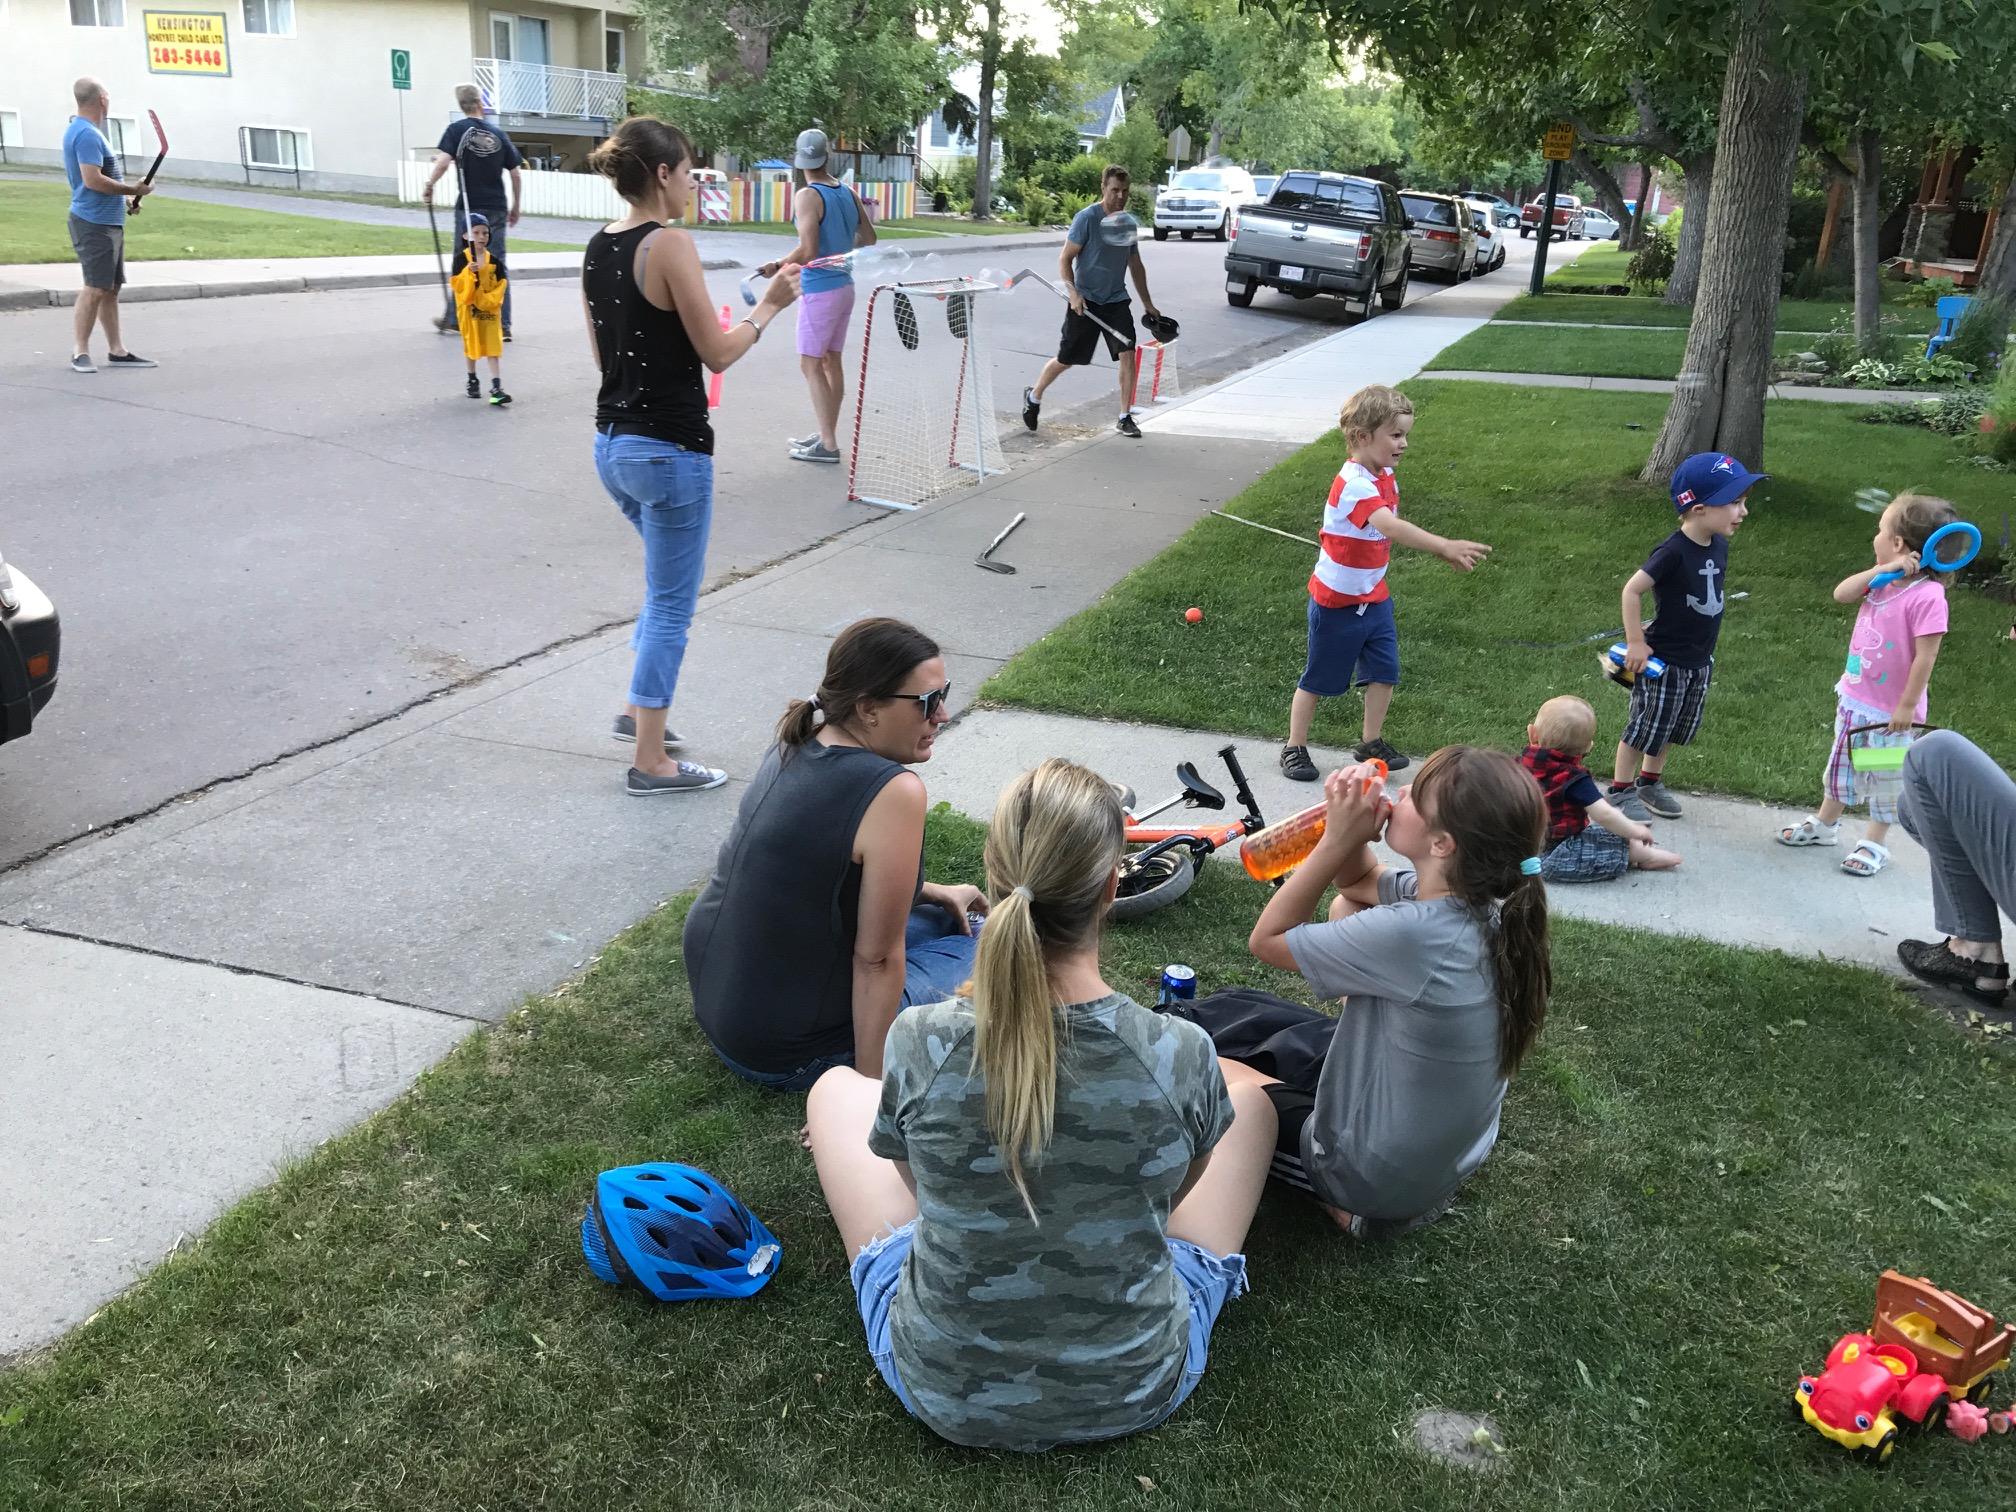 Street Party, Calgary